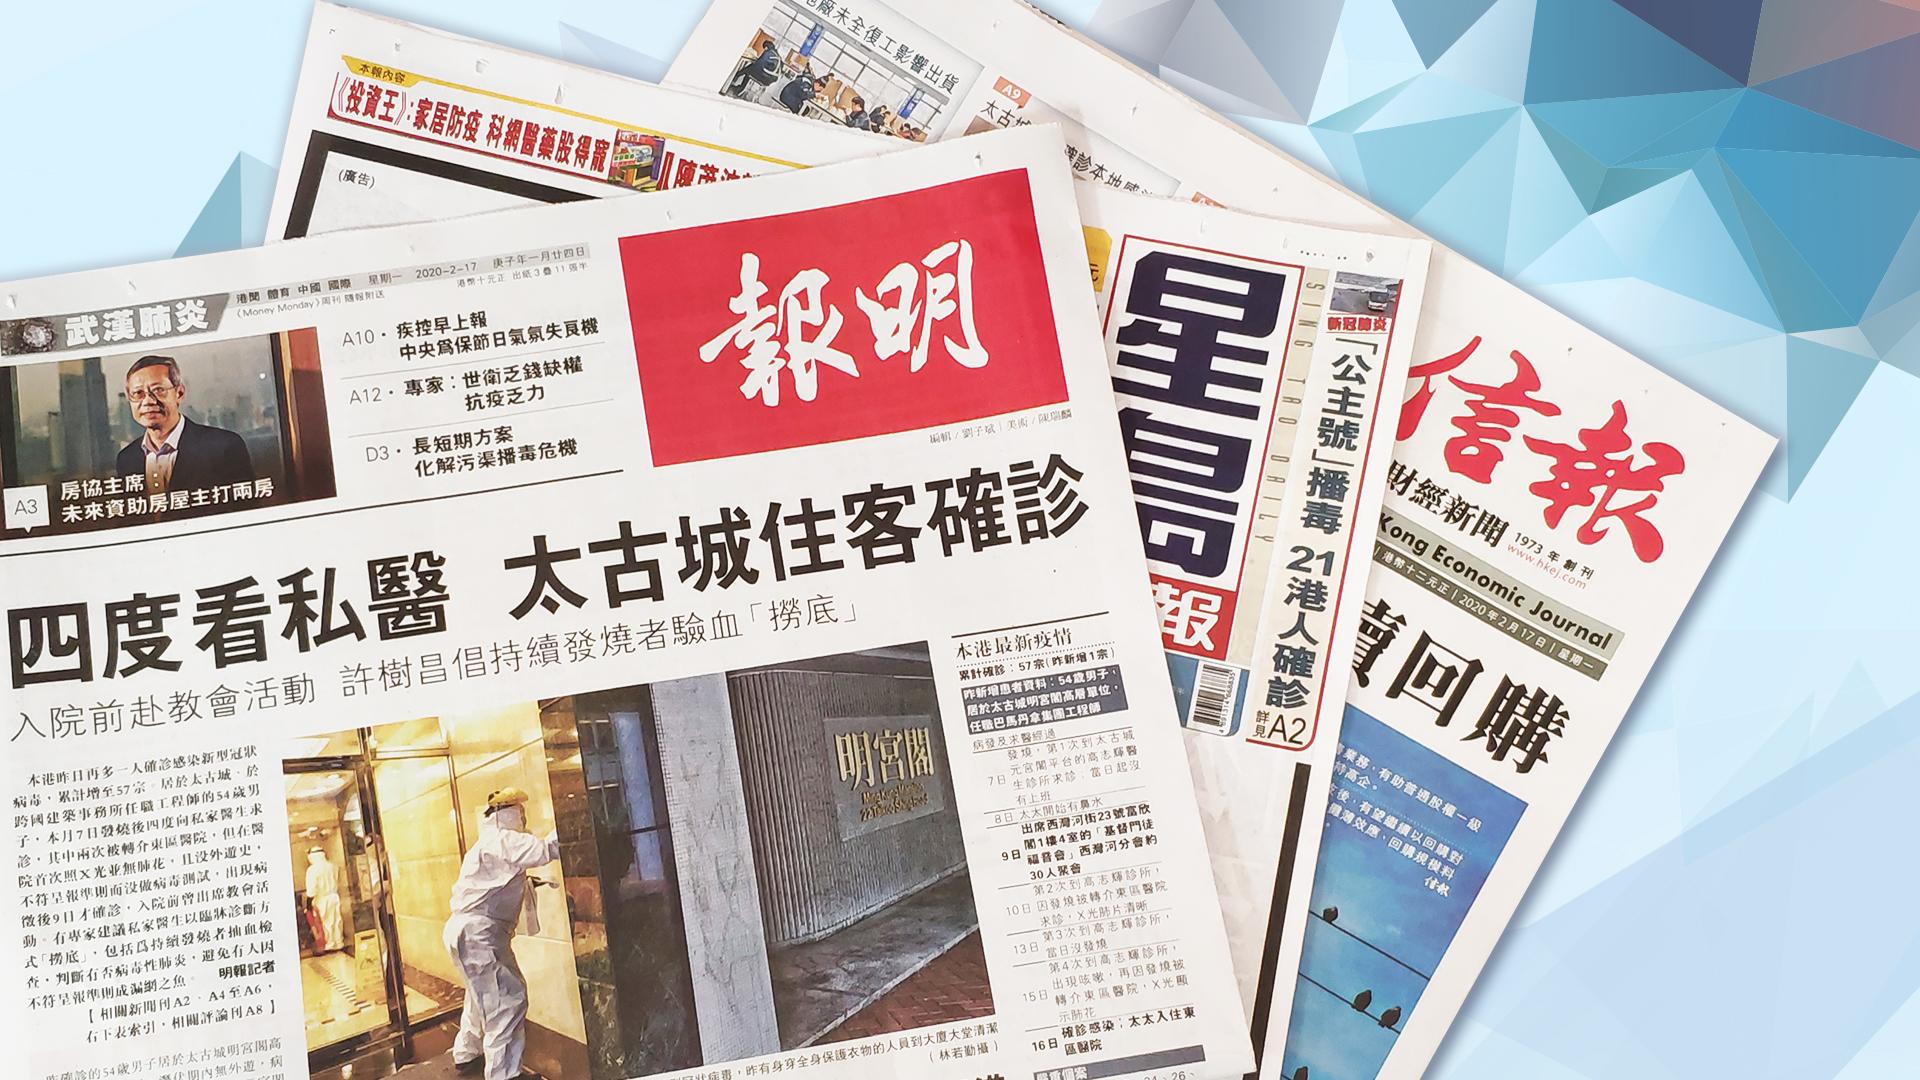 【報章A1速覽】太古城住客確診 入院前赴教會活動;「公主號」狂播毒 至少21港人確診